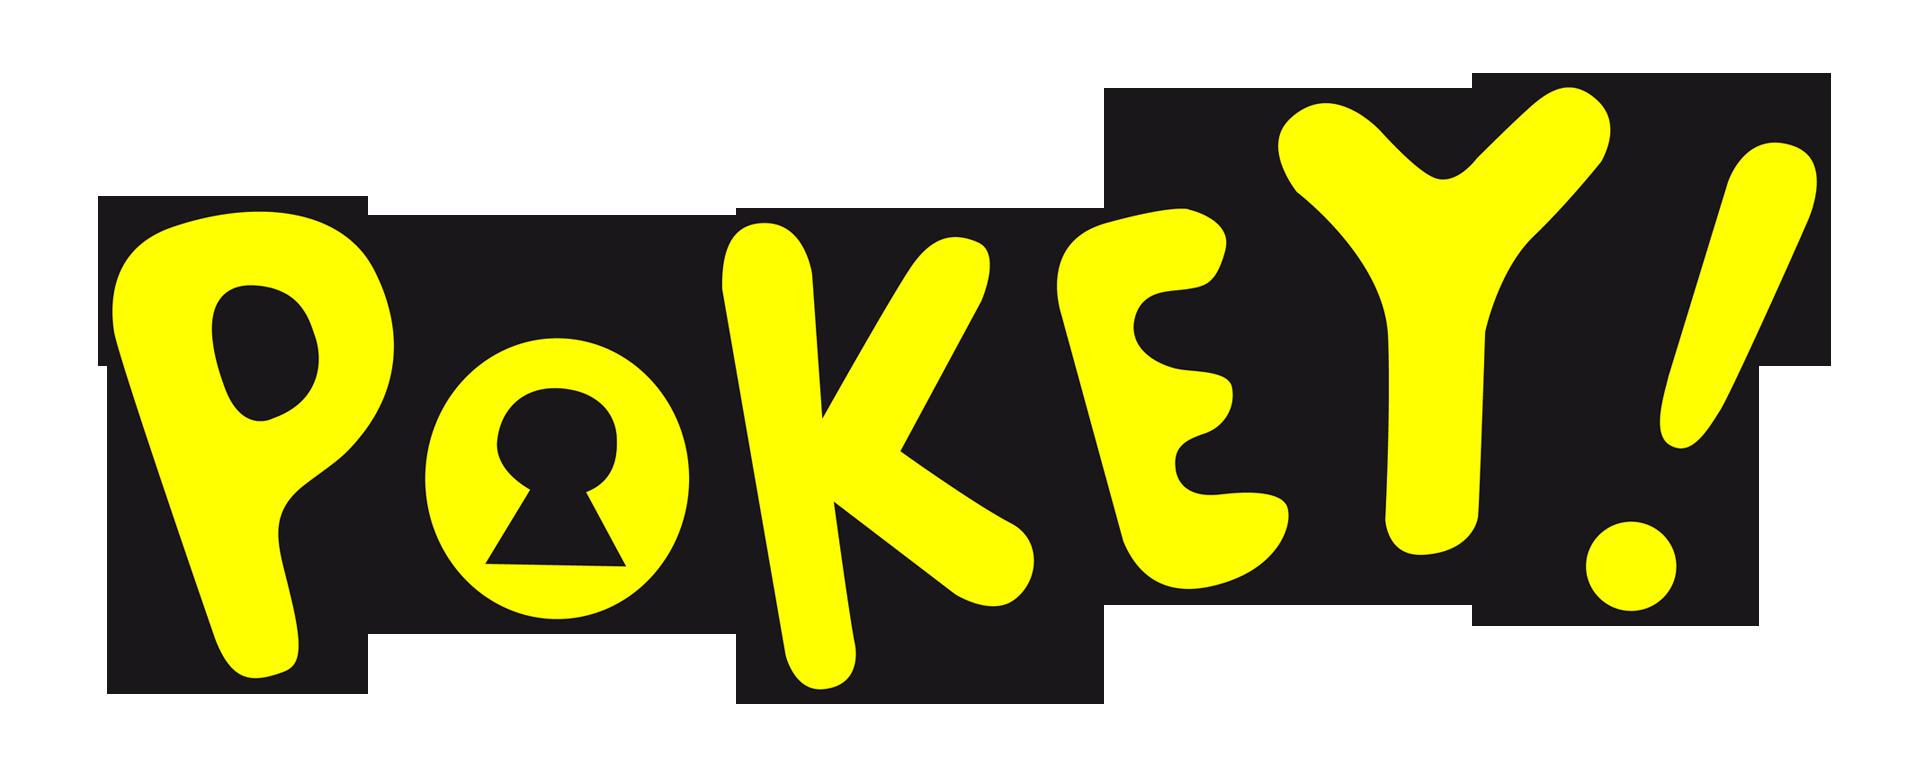 Pokey!